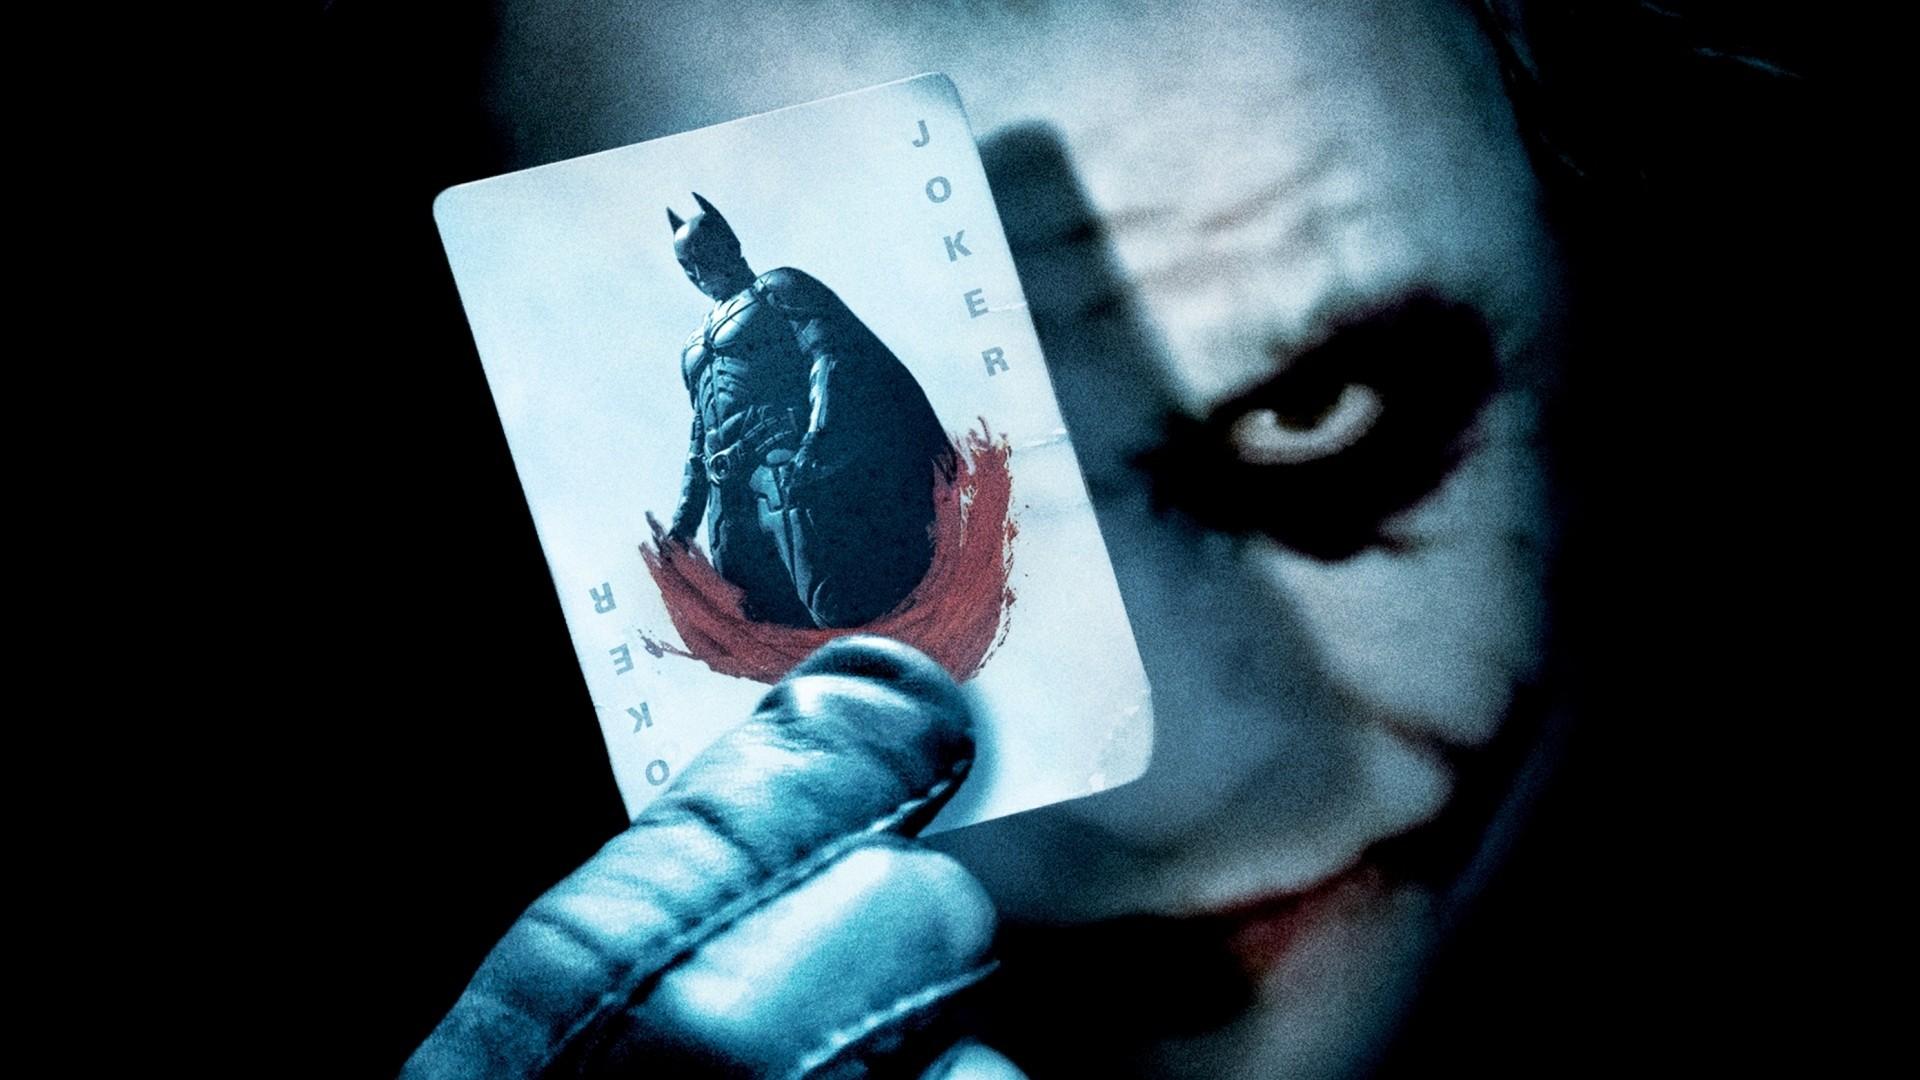 Batman Joker Card Wallpapers HD Wallpapers 1920x1080